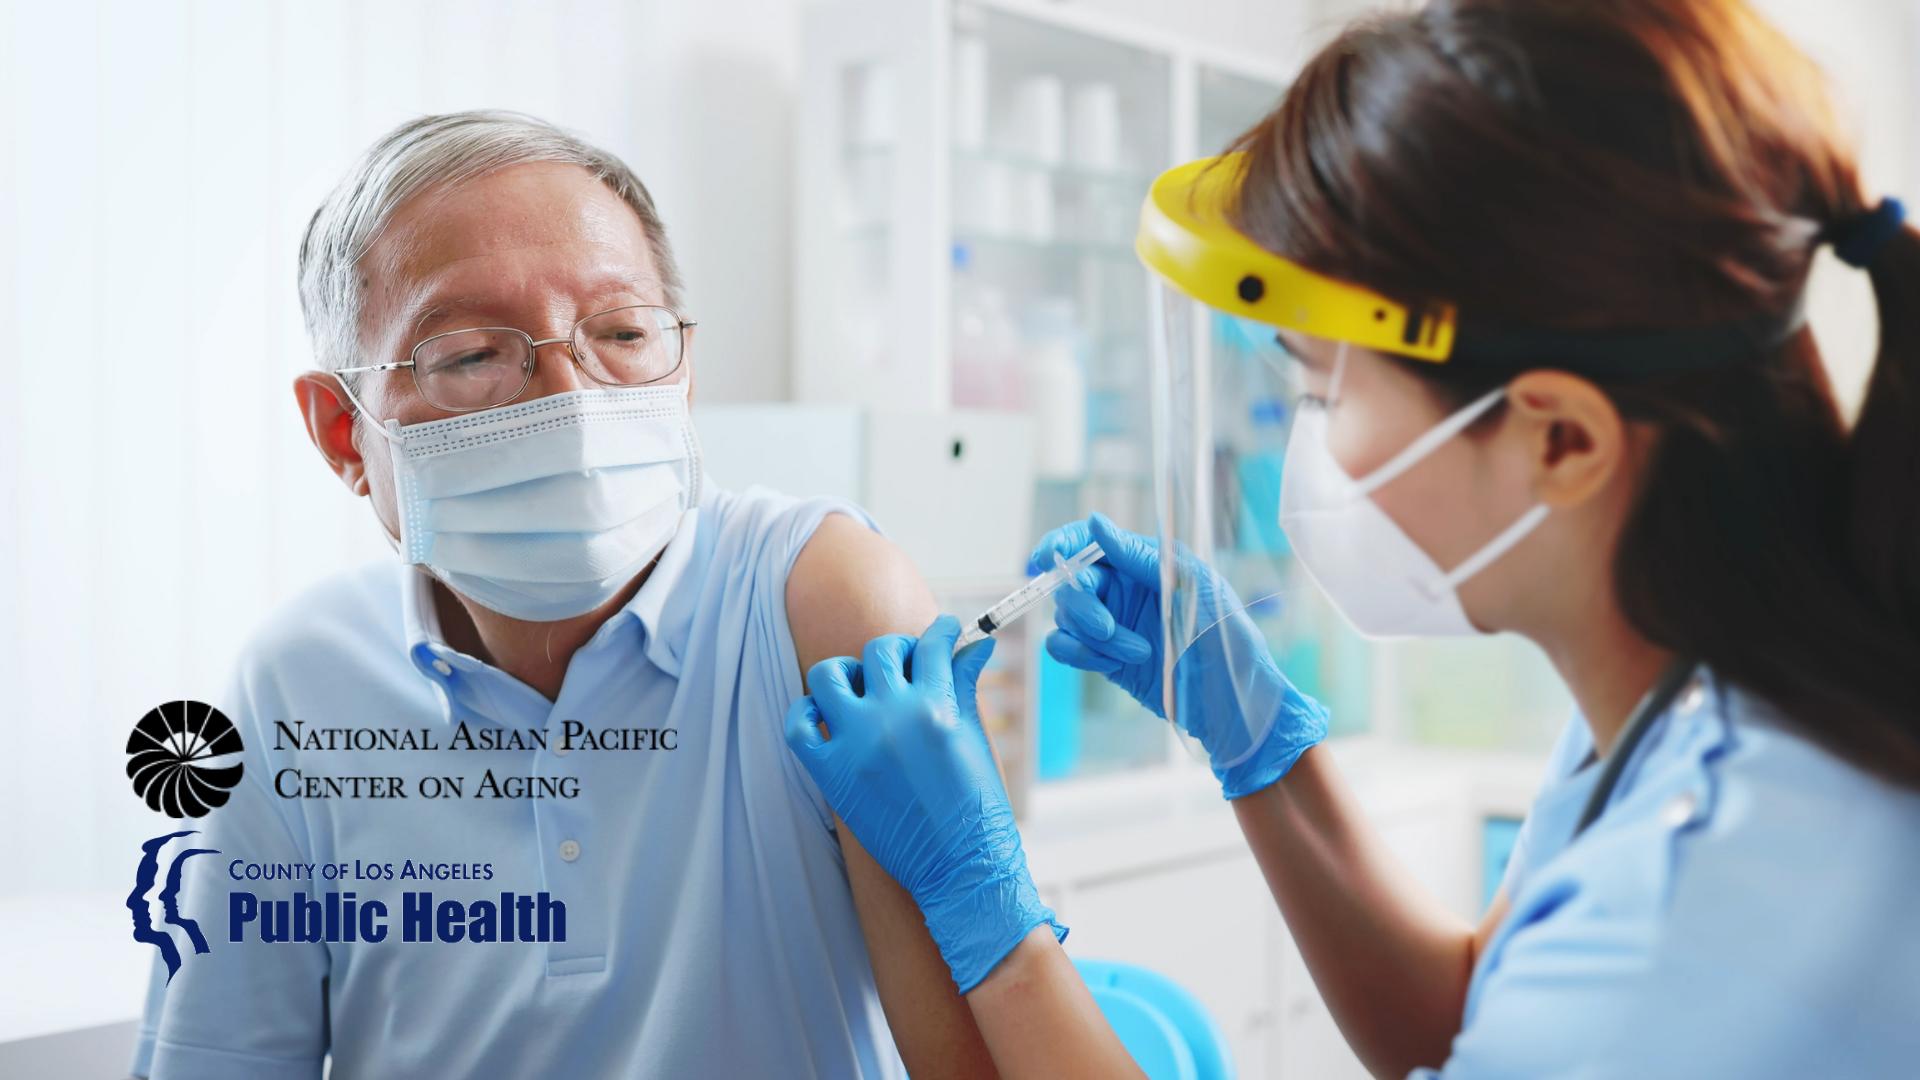 NAPCA與洛縣公衛部合作 提供居家疫苗接種